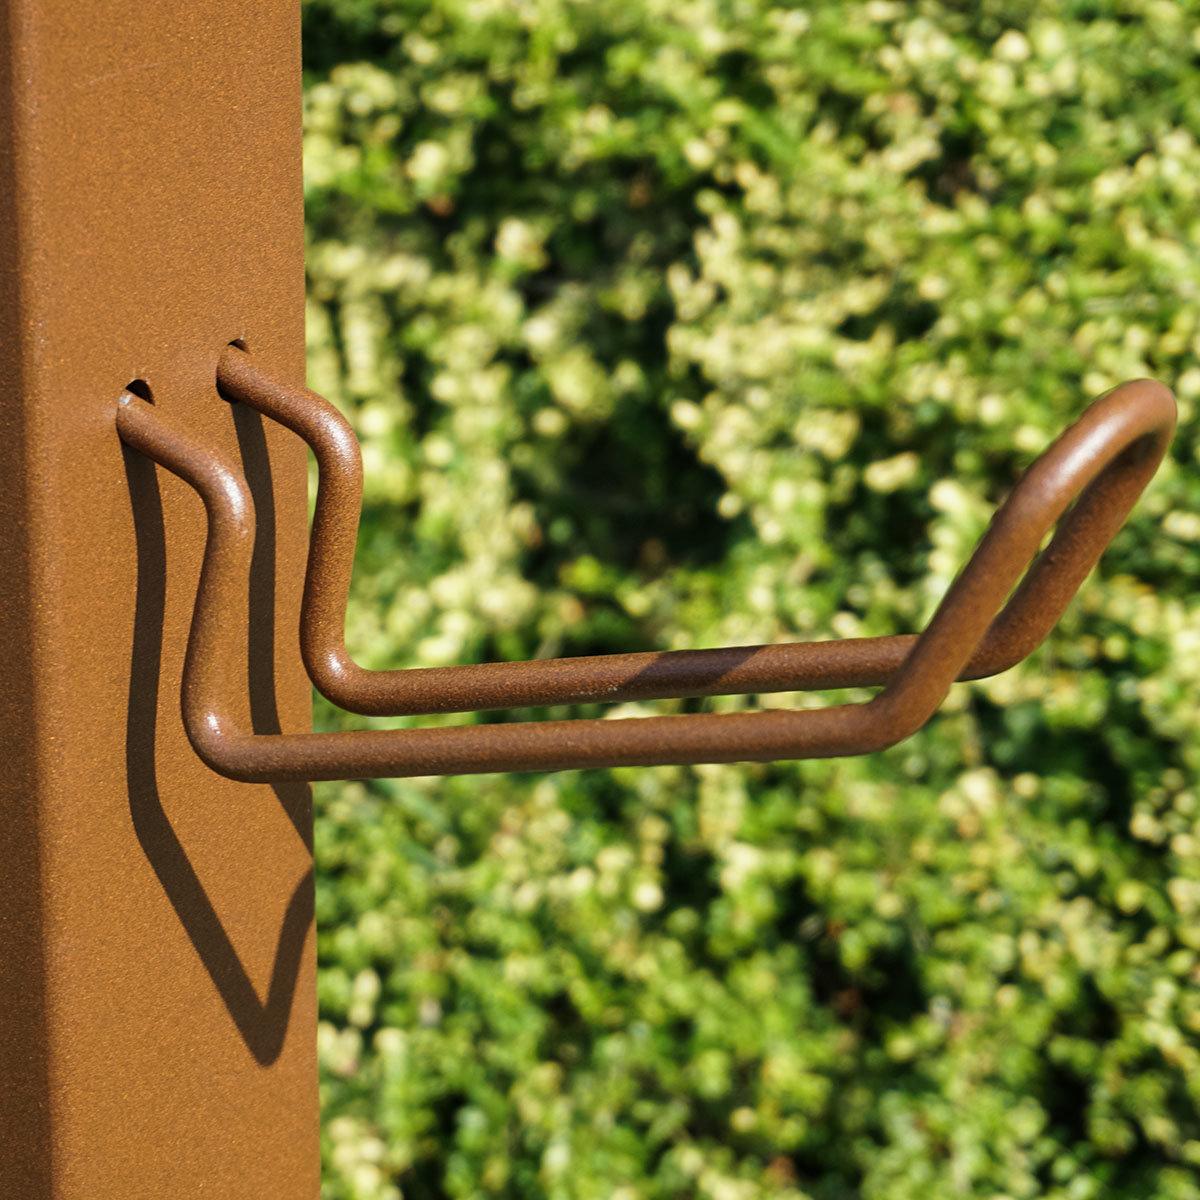 Wasserzapfsäule Quadra, 100x14x21 cm, Stahl, braun   #3